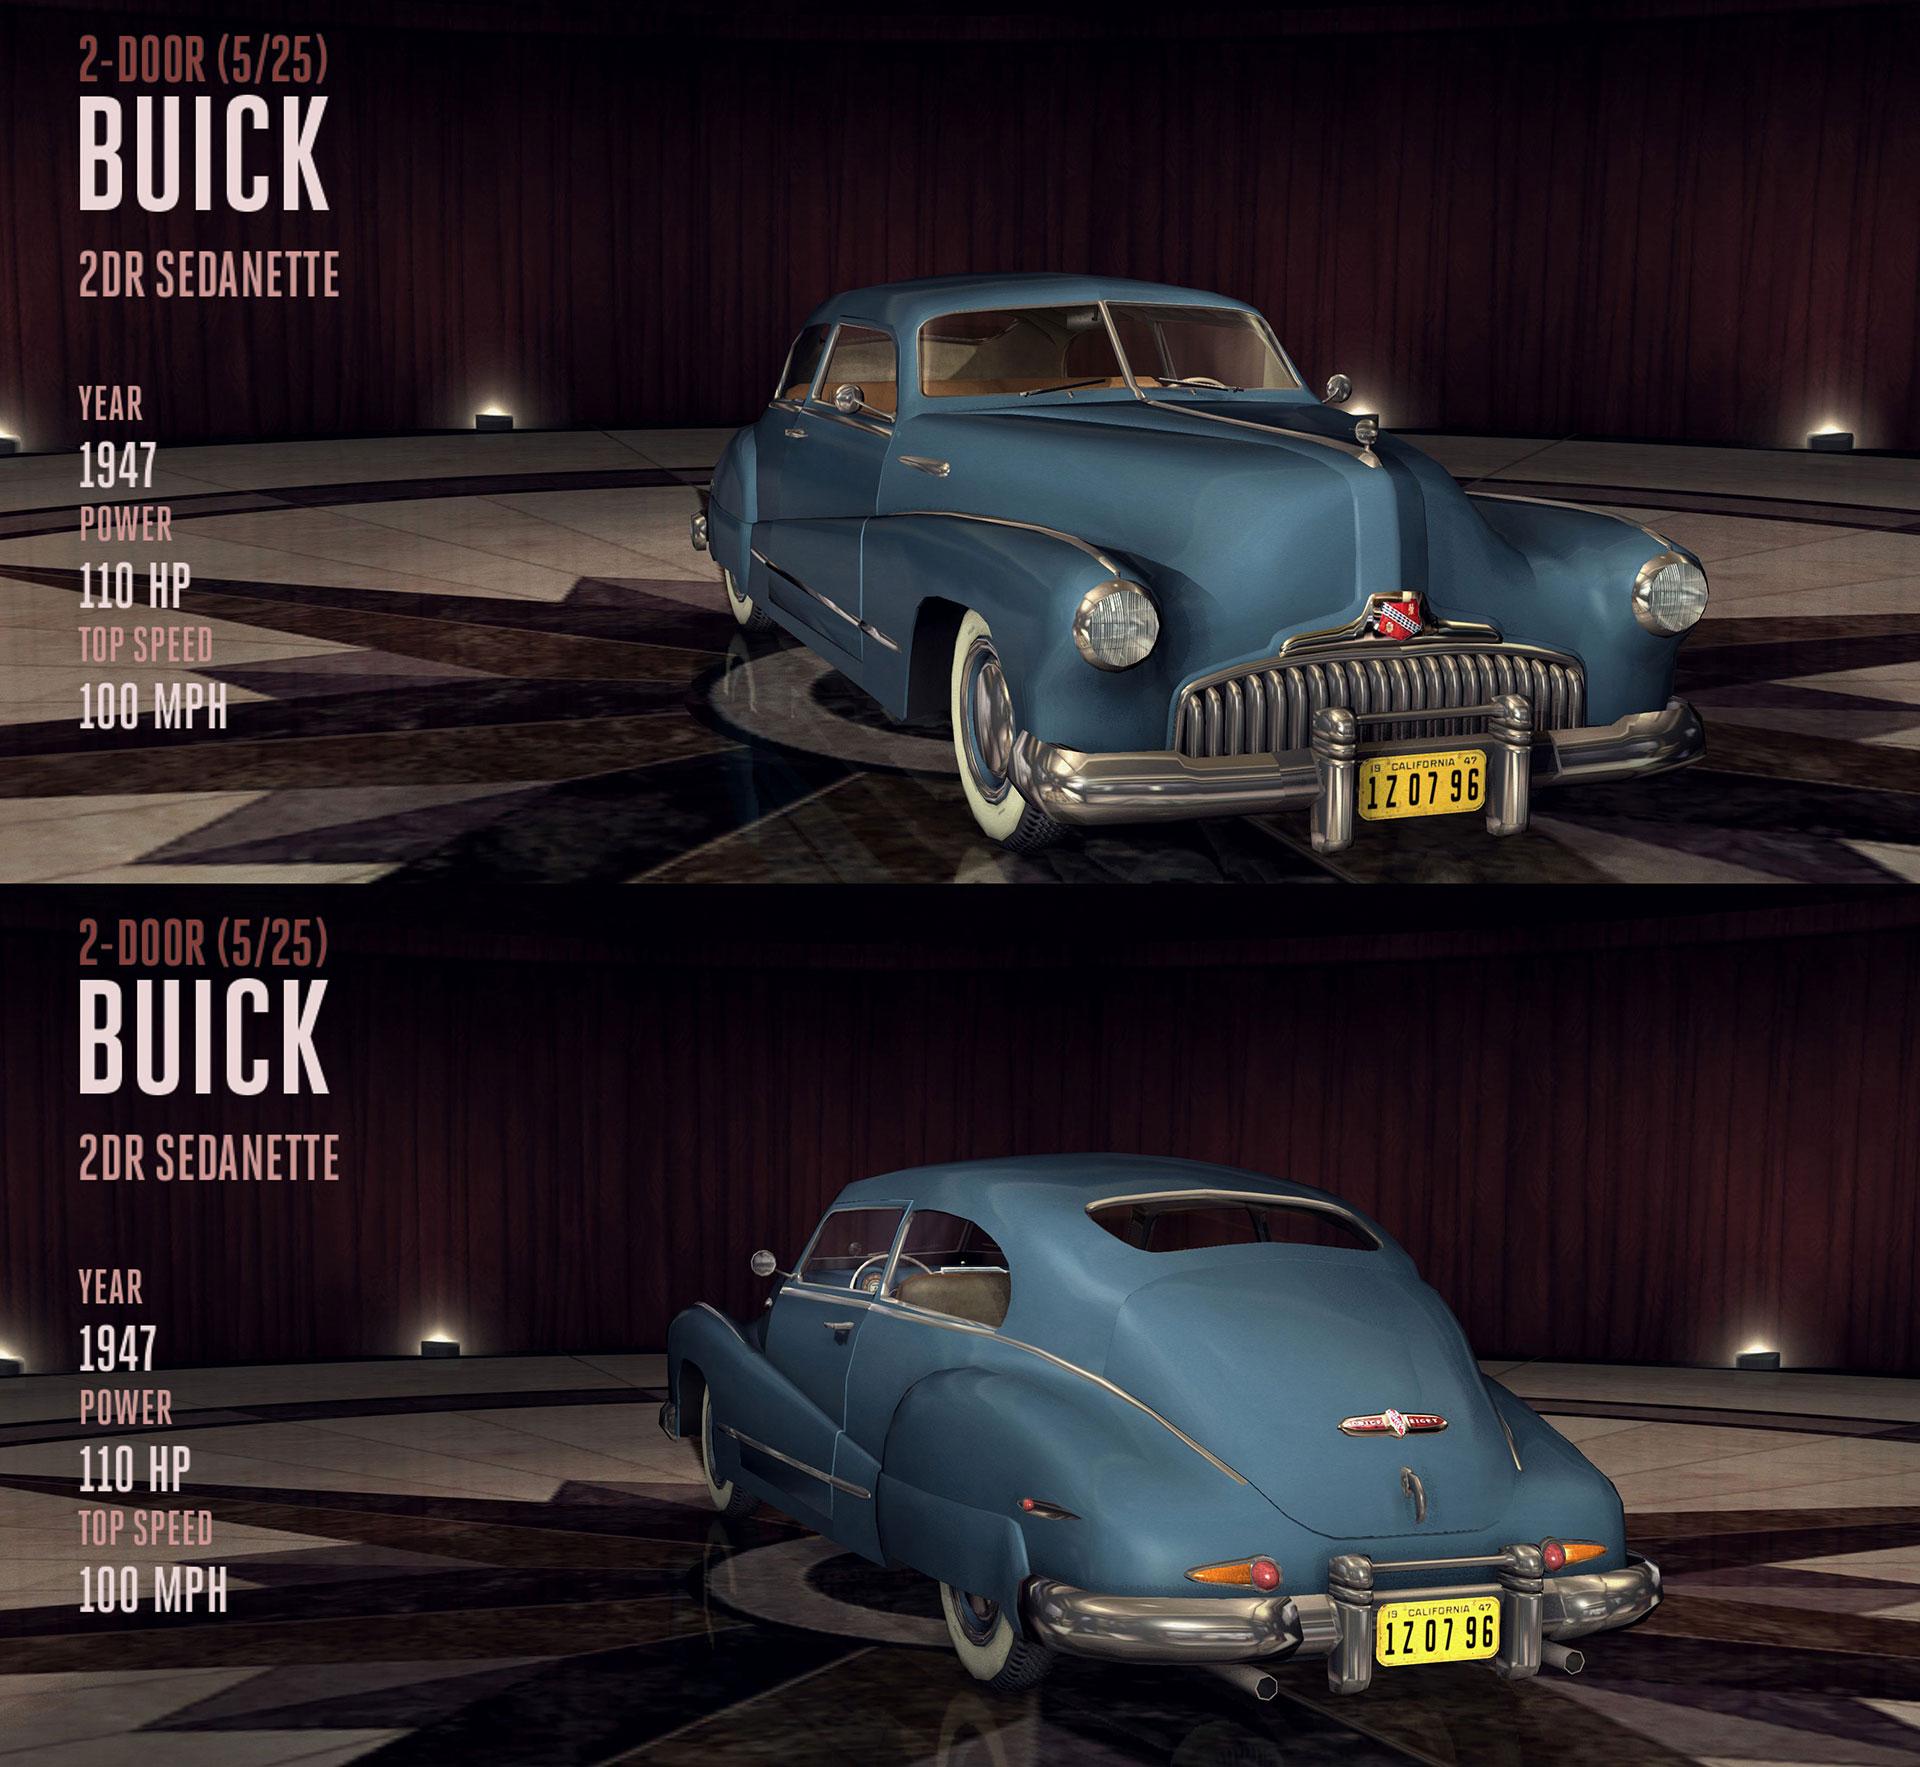 Buick 2DR Sedanette